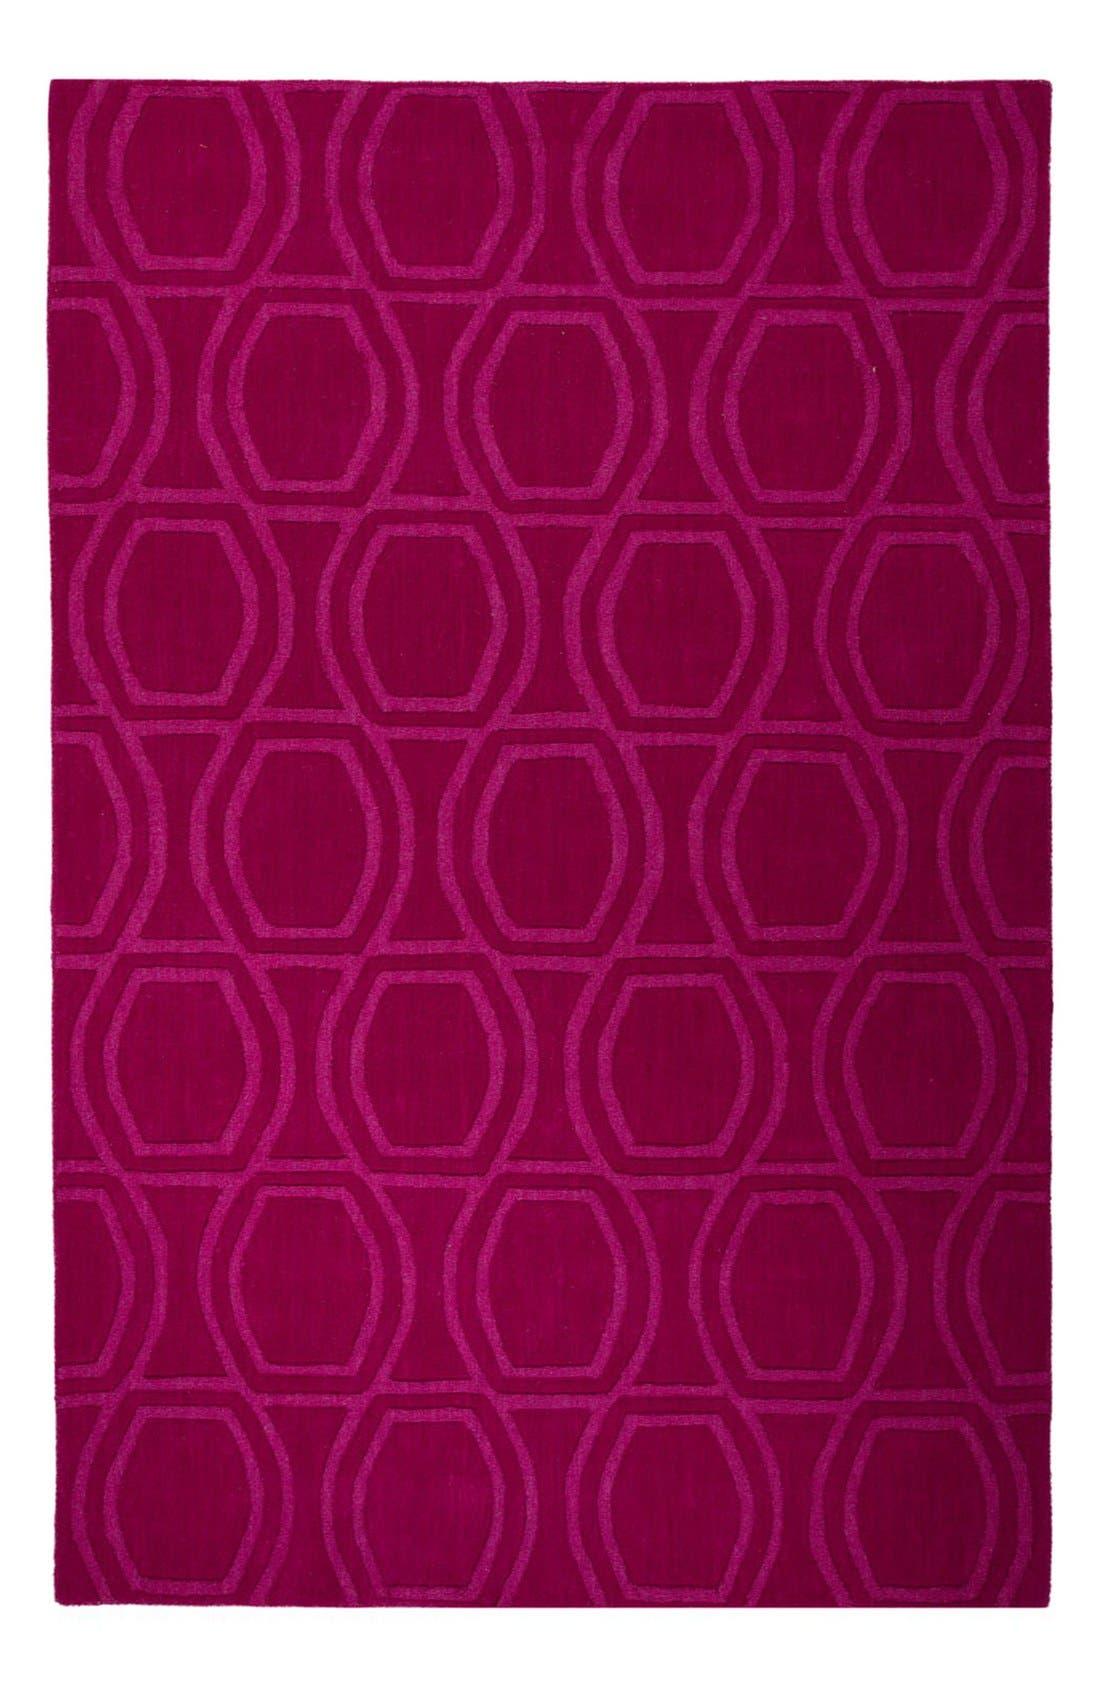 Alternate Image 1 Selected - kate spade new york 'astor' wool rug